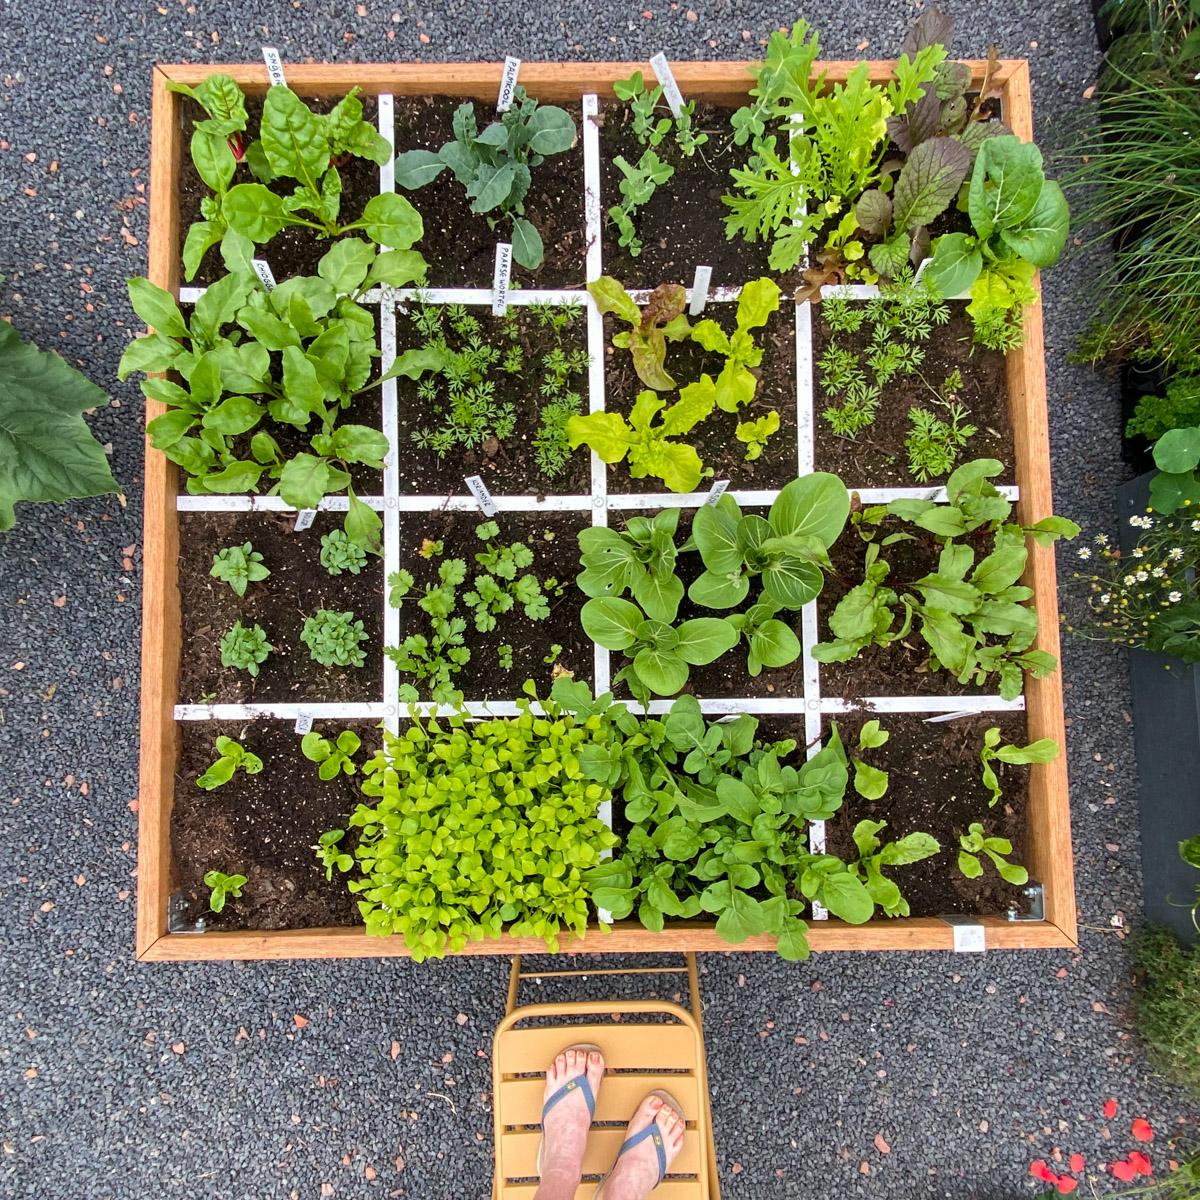 blog-early-august-in-the-vegetable-garden8.jpg